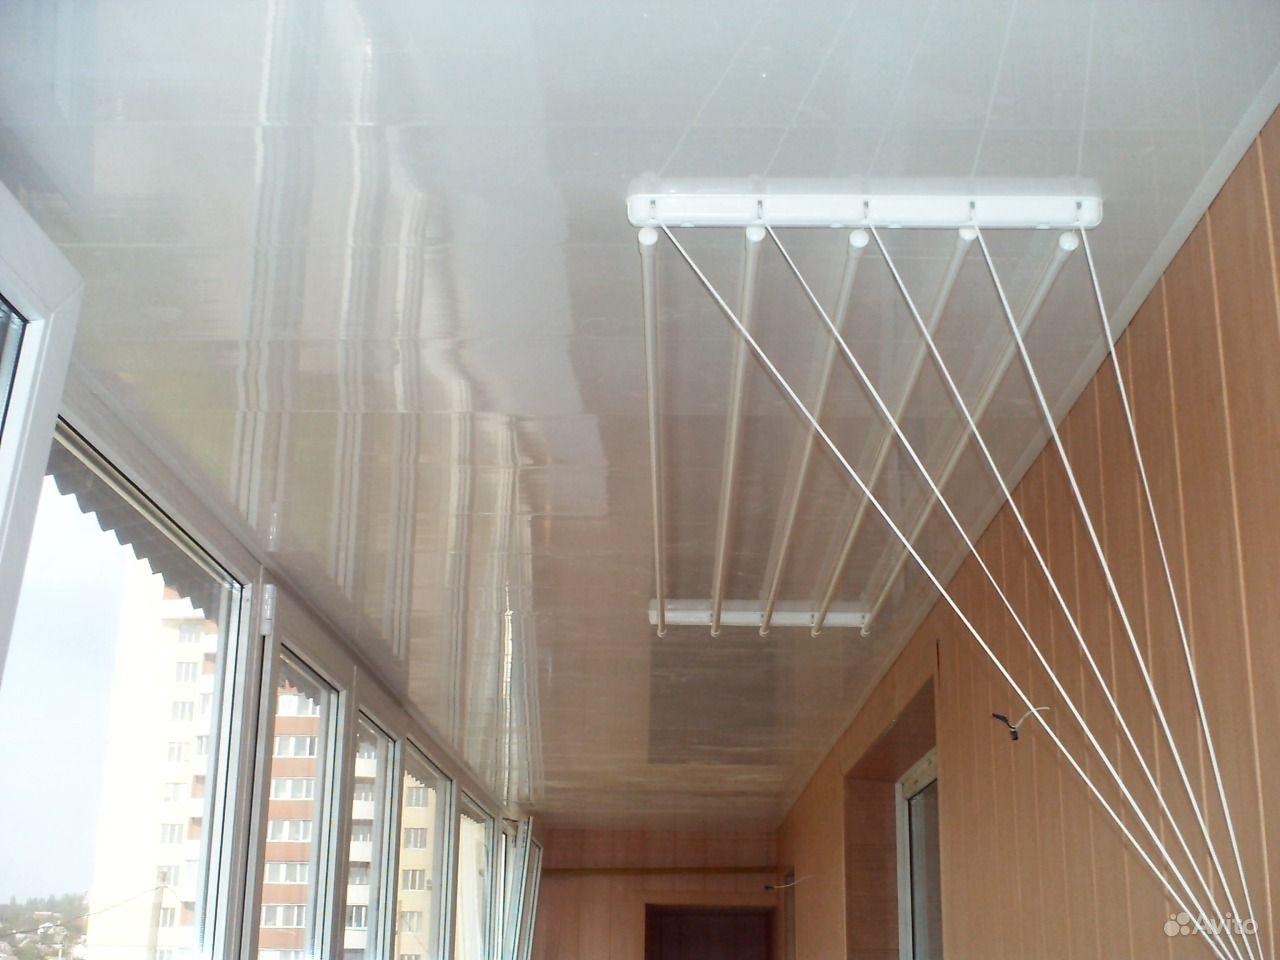 Сушилка для белья на балкон: какие виды на лоджию, подвесные.